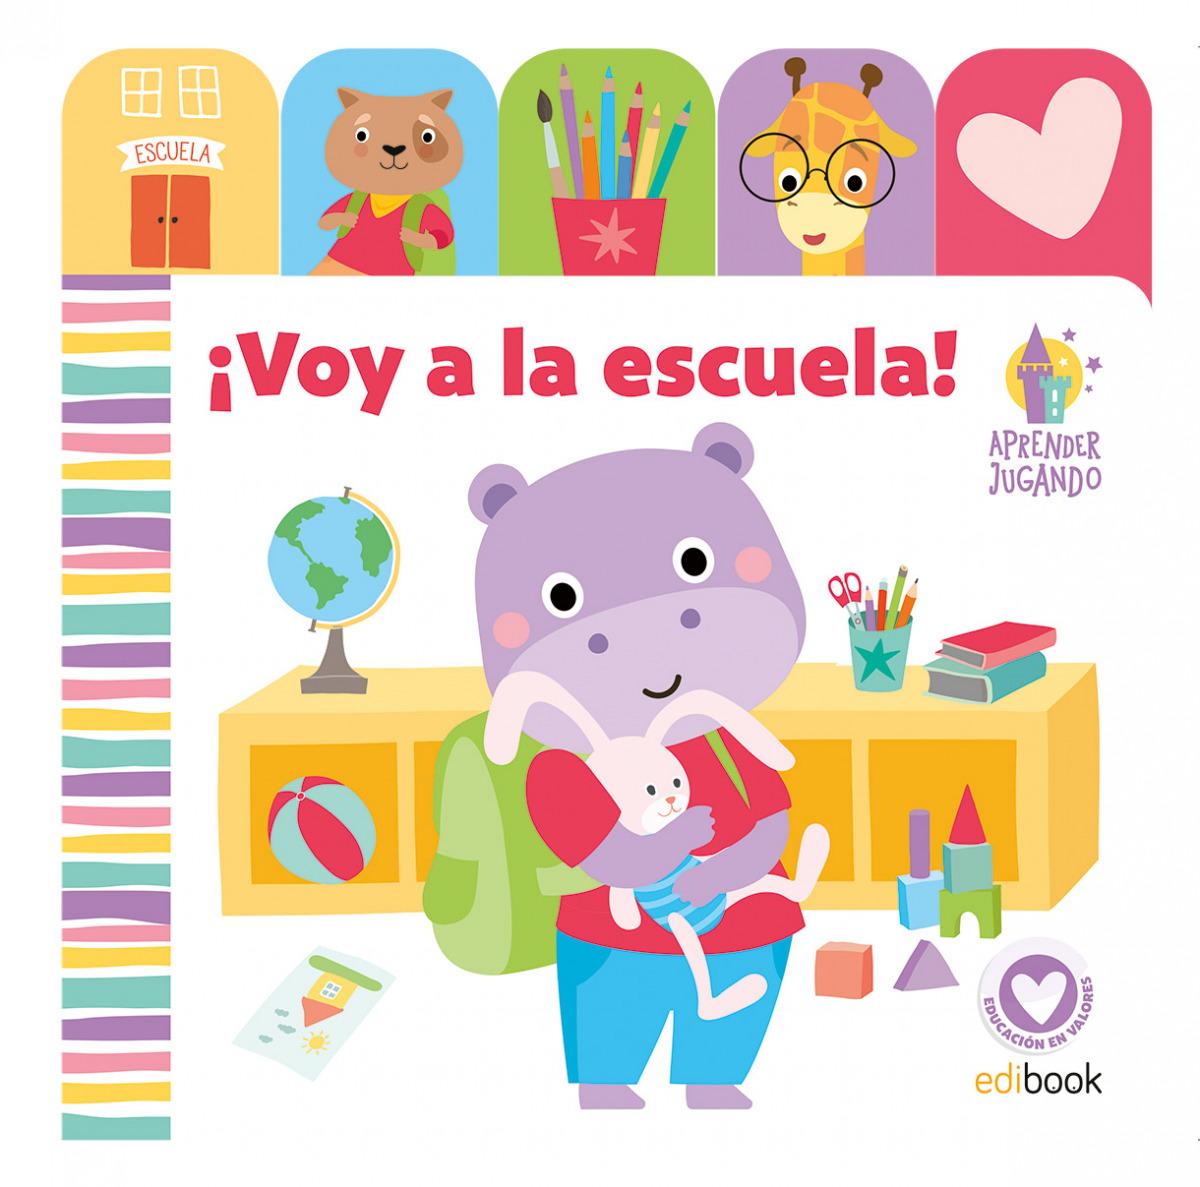 APRENDER JUGANDO - LIBRO PESTAÑAS - ¡VOY A LA ESCUELA!